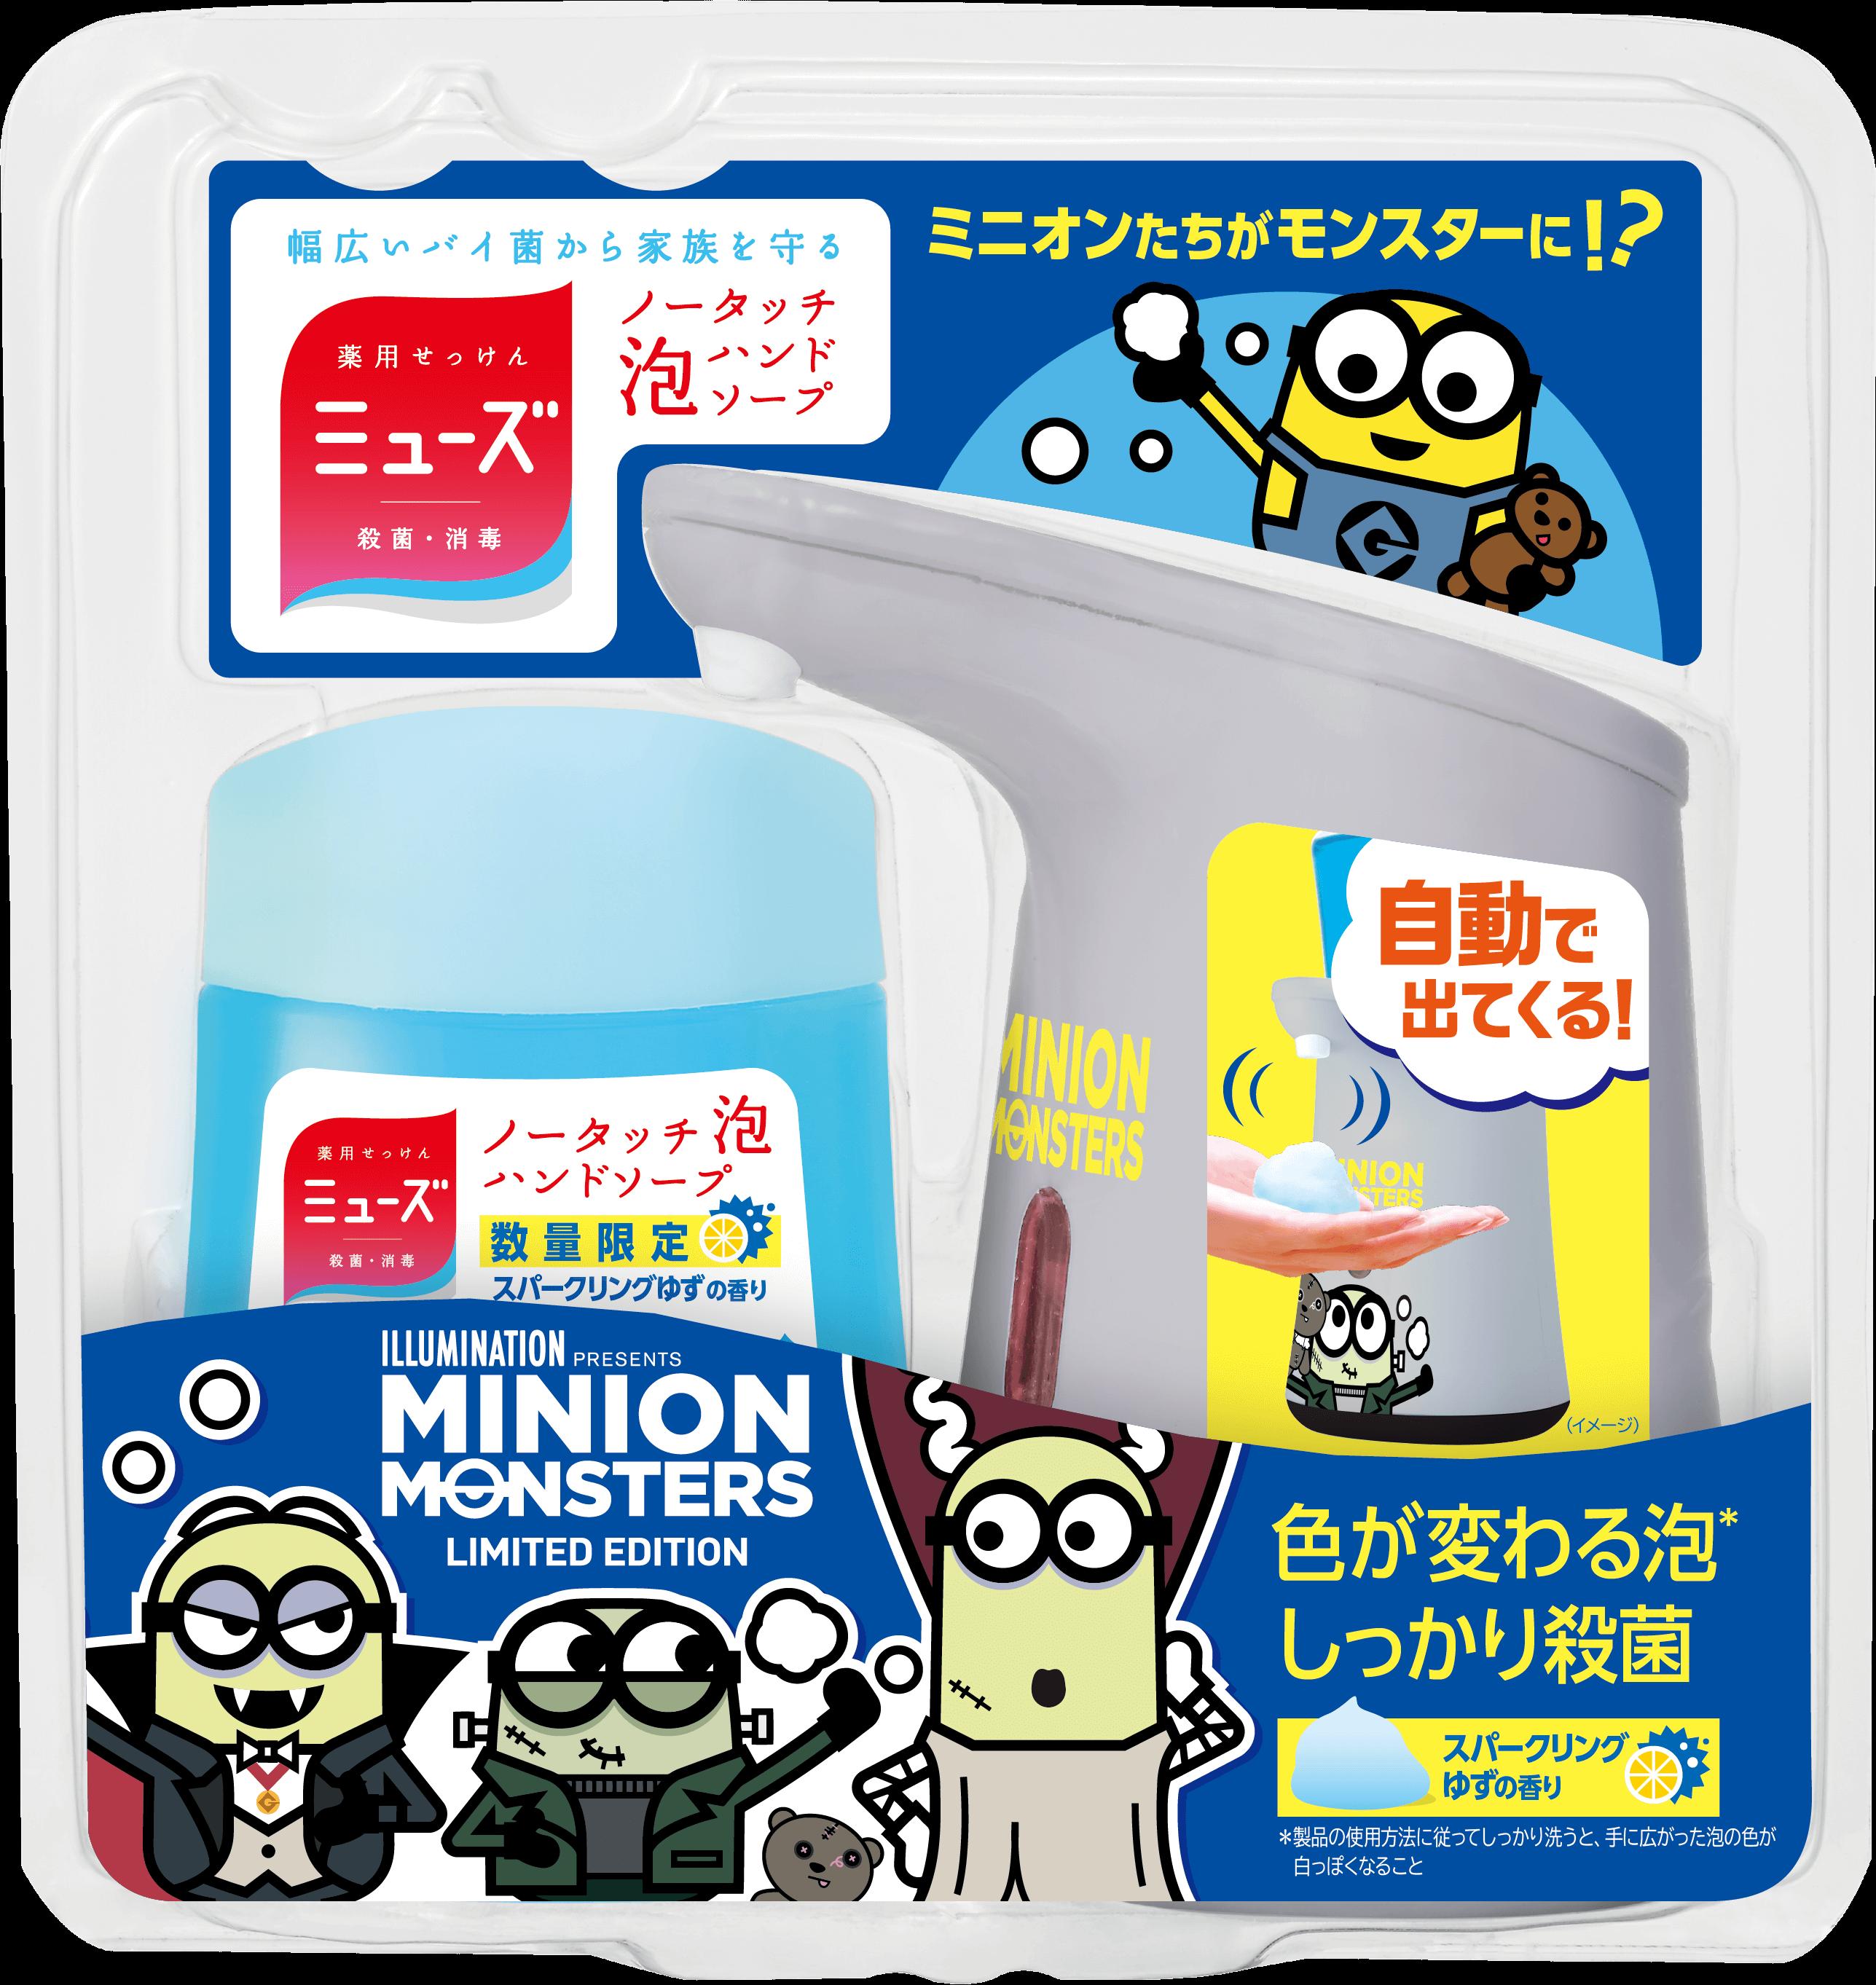 プレゼント!ミニオンといっしょの楽しい手洗いで殺菌・消毒「ミューズ ノータッチ泡ハンドソープ ミニオン」